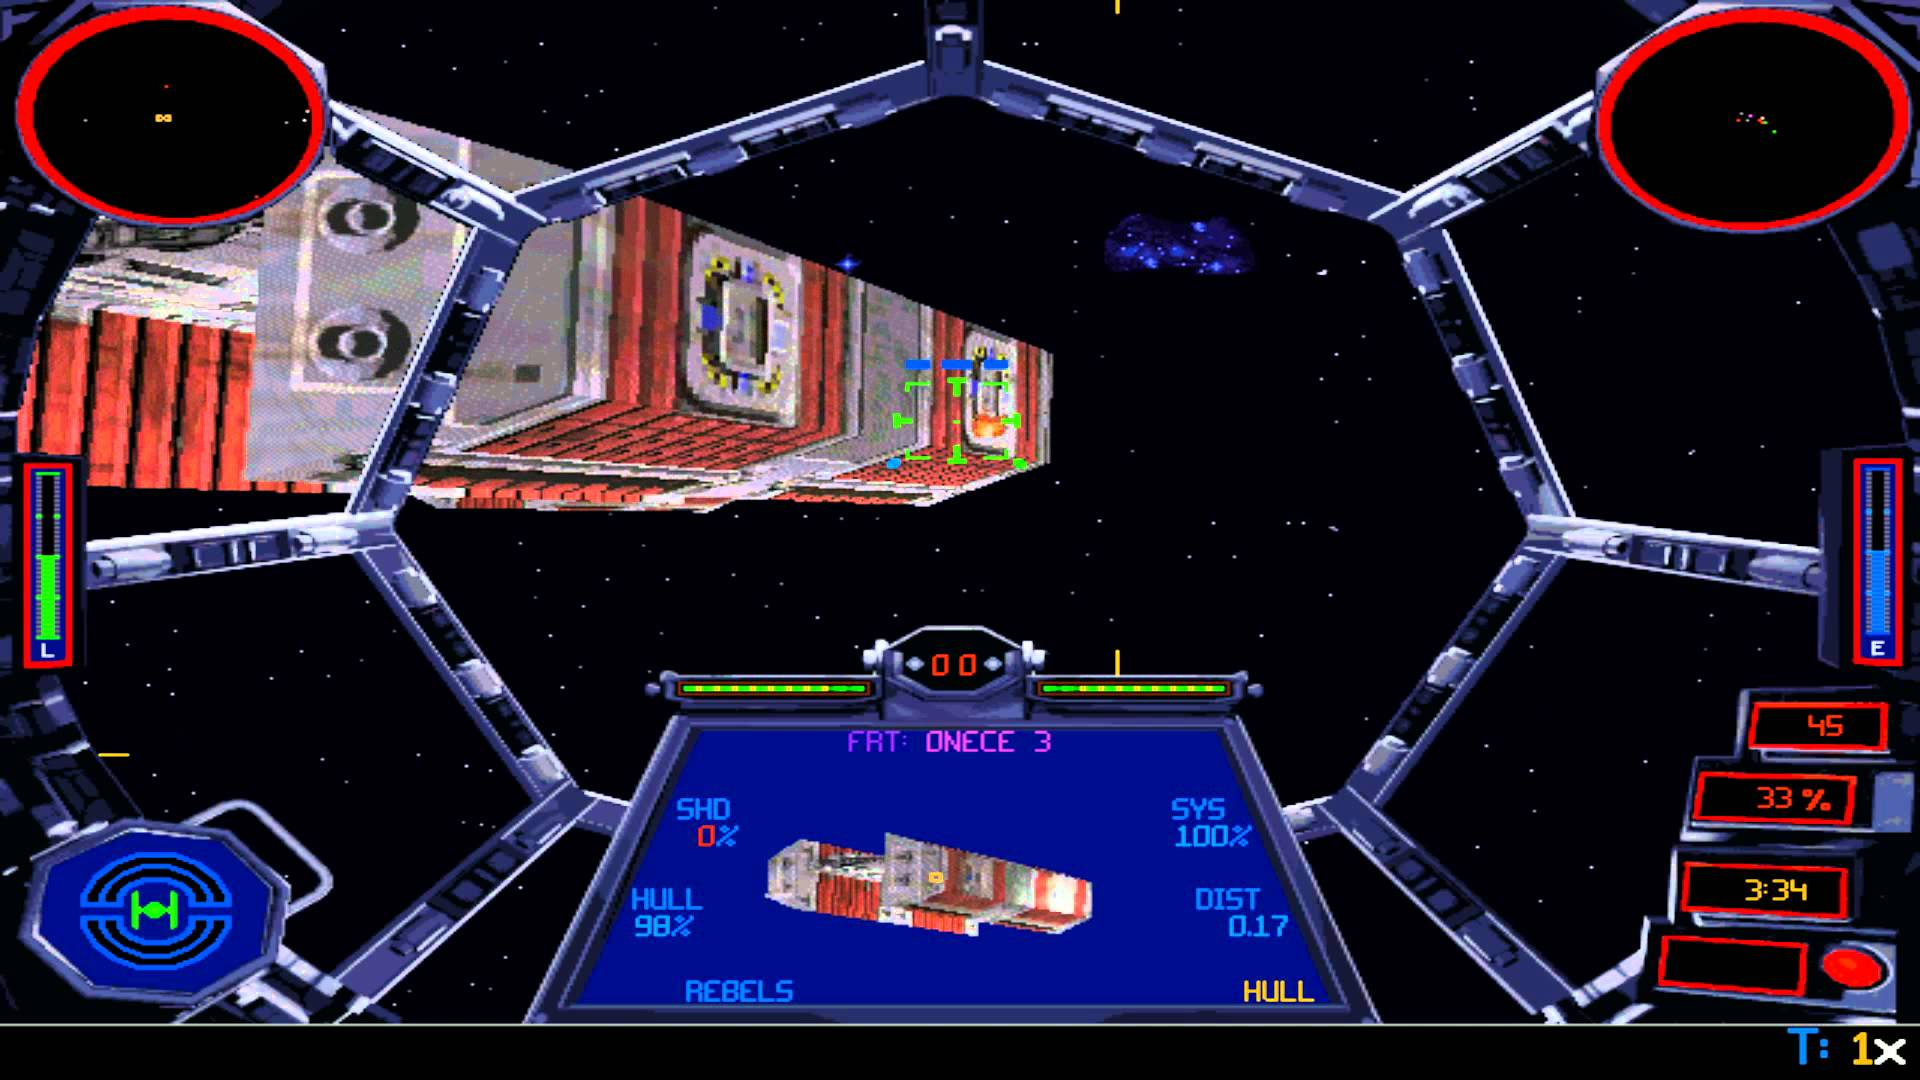 Star wars tie fighter pc